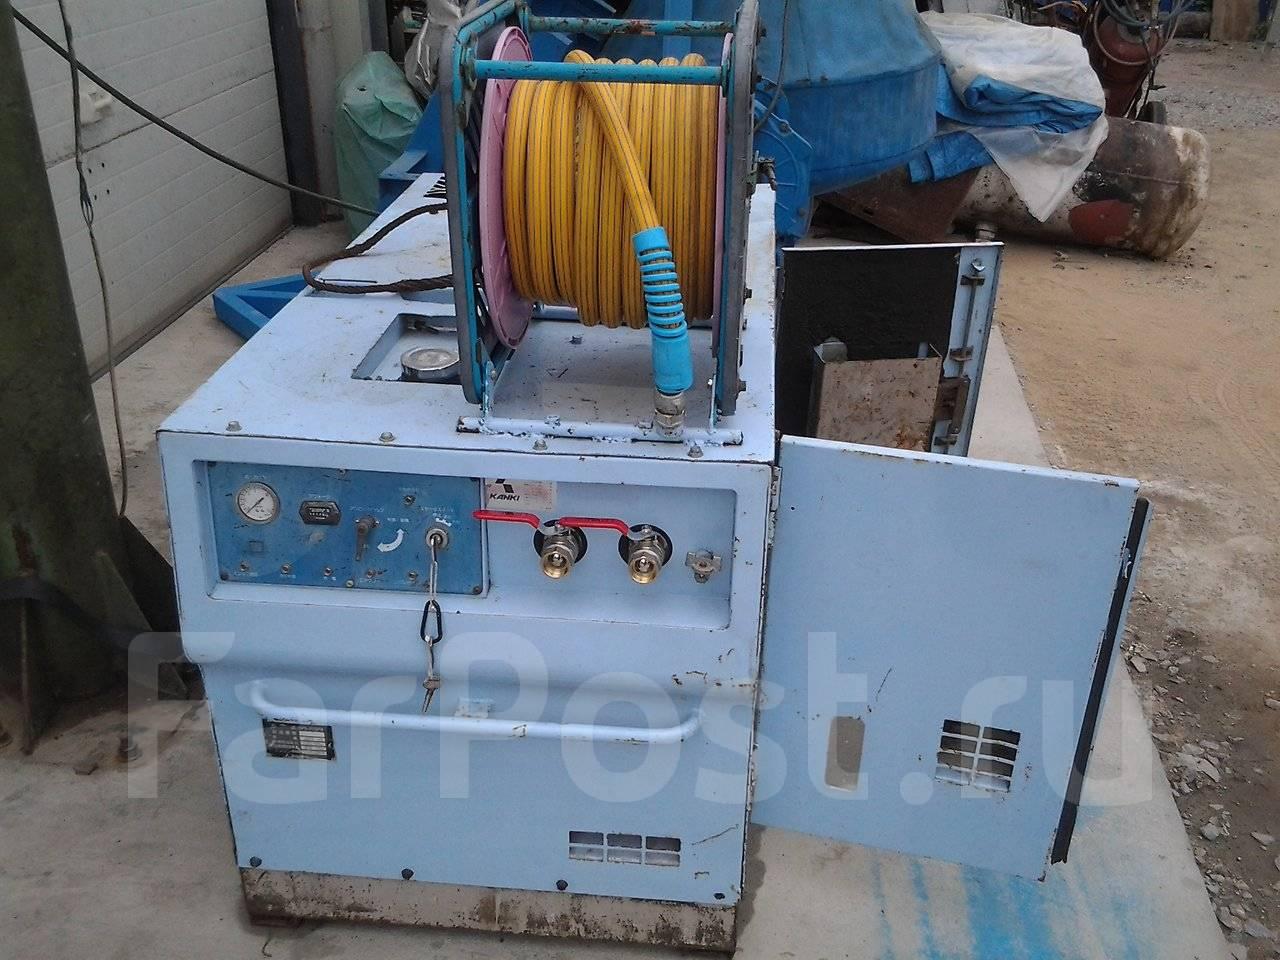 инструкция эксплуатации кратон компрессор воздушный ас 630 110